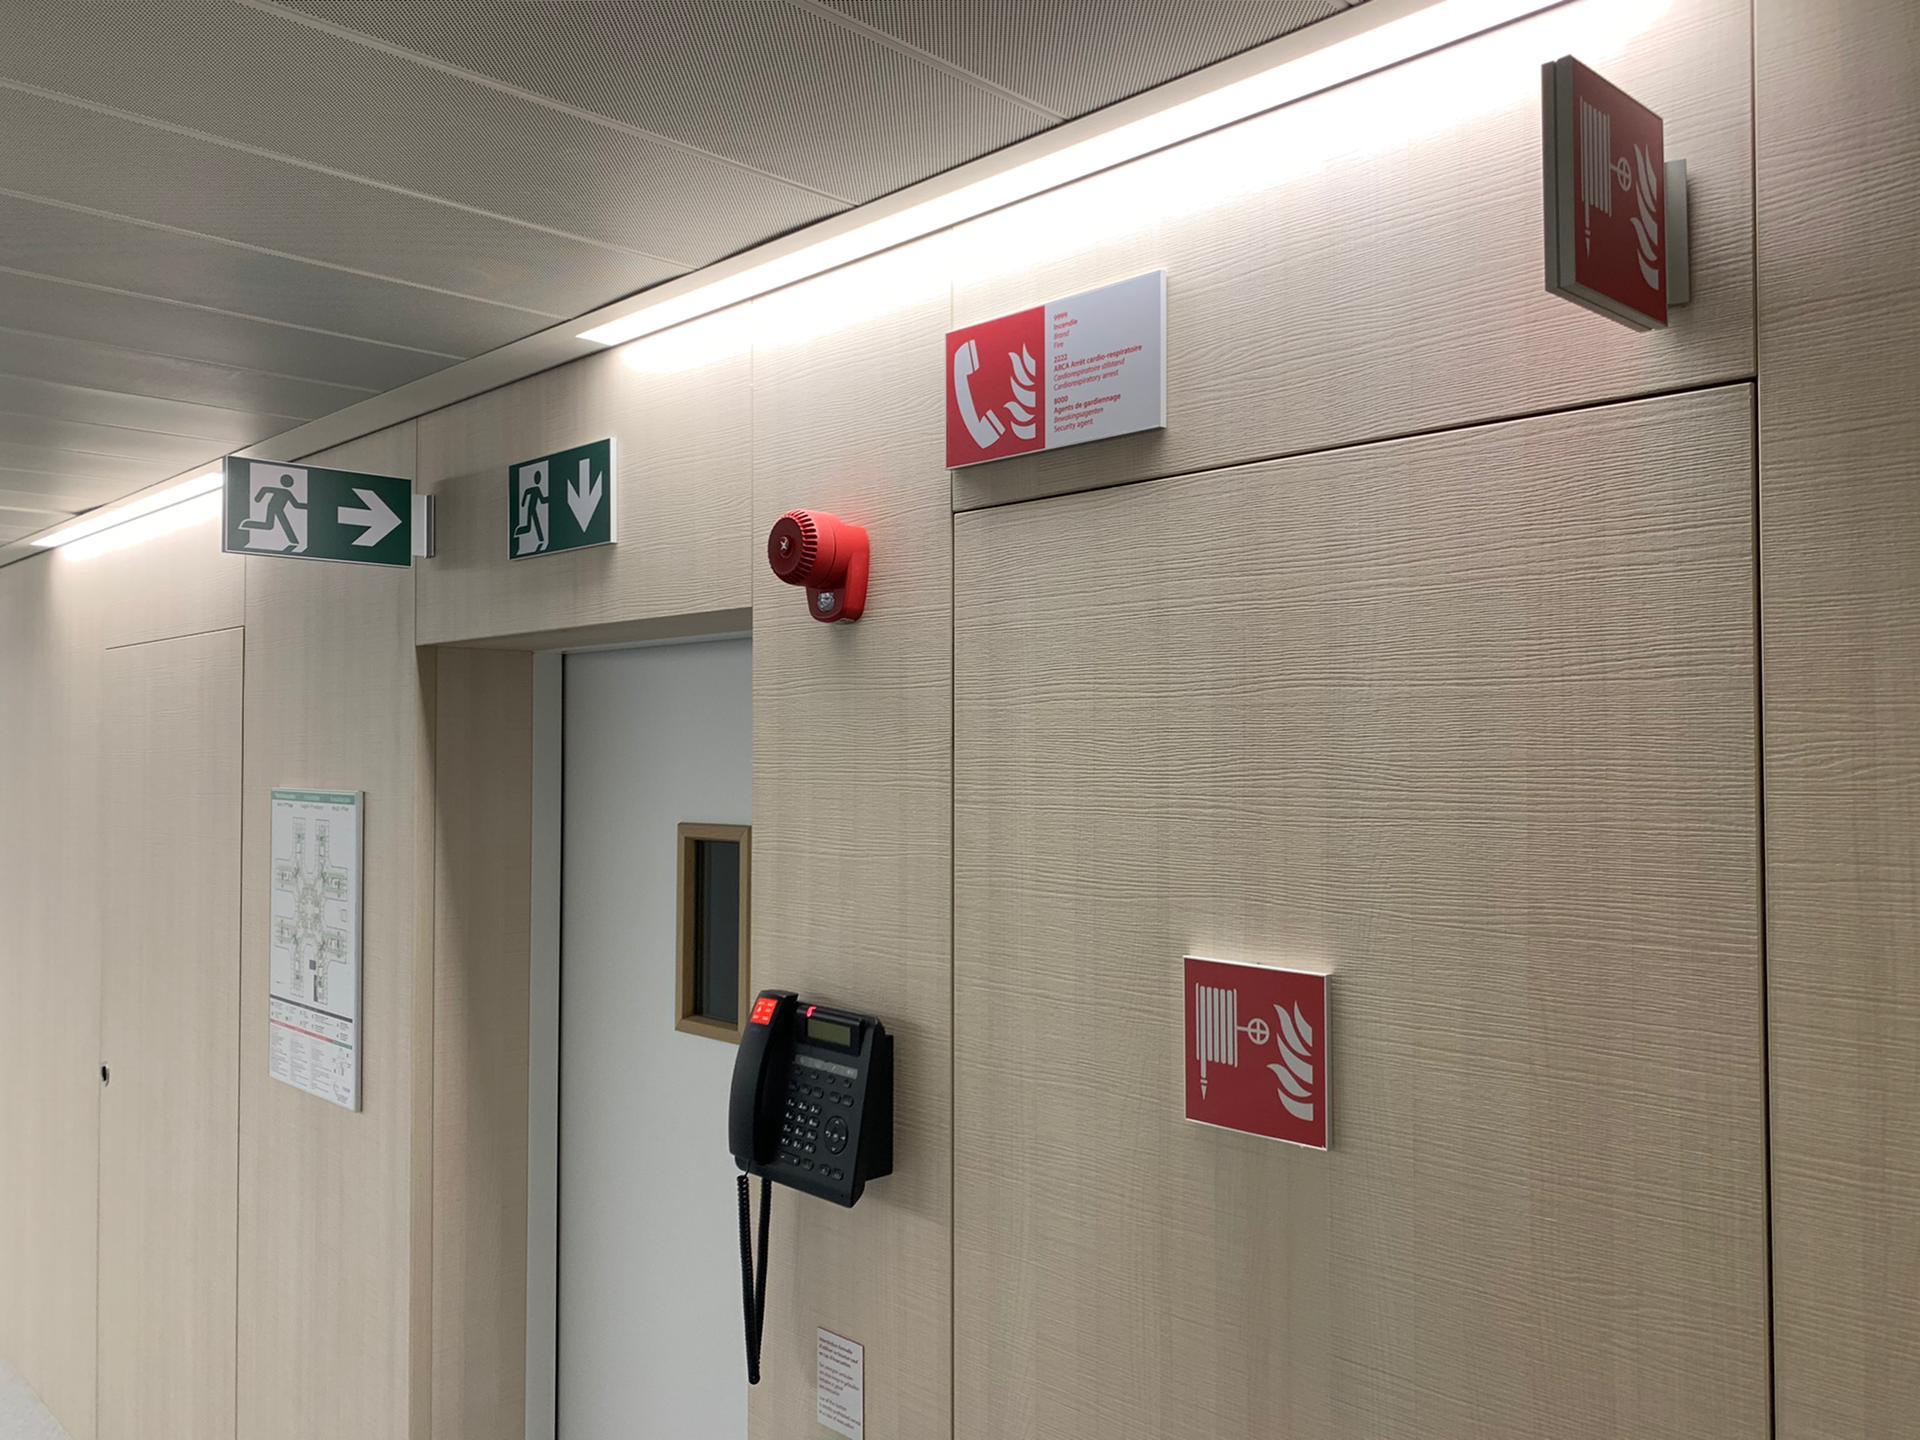 Veiligheidssignalisatie evacuatieplannen en veiligheidspictogrammen brand en evacuatie bij ziekenhuis Chirac Delta door Actual Sign, member of the Remotec Group